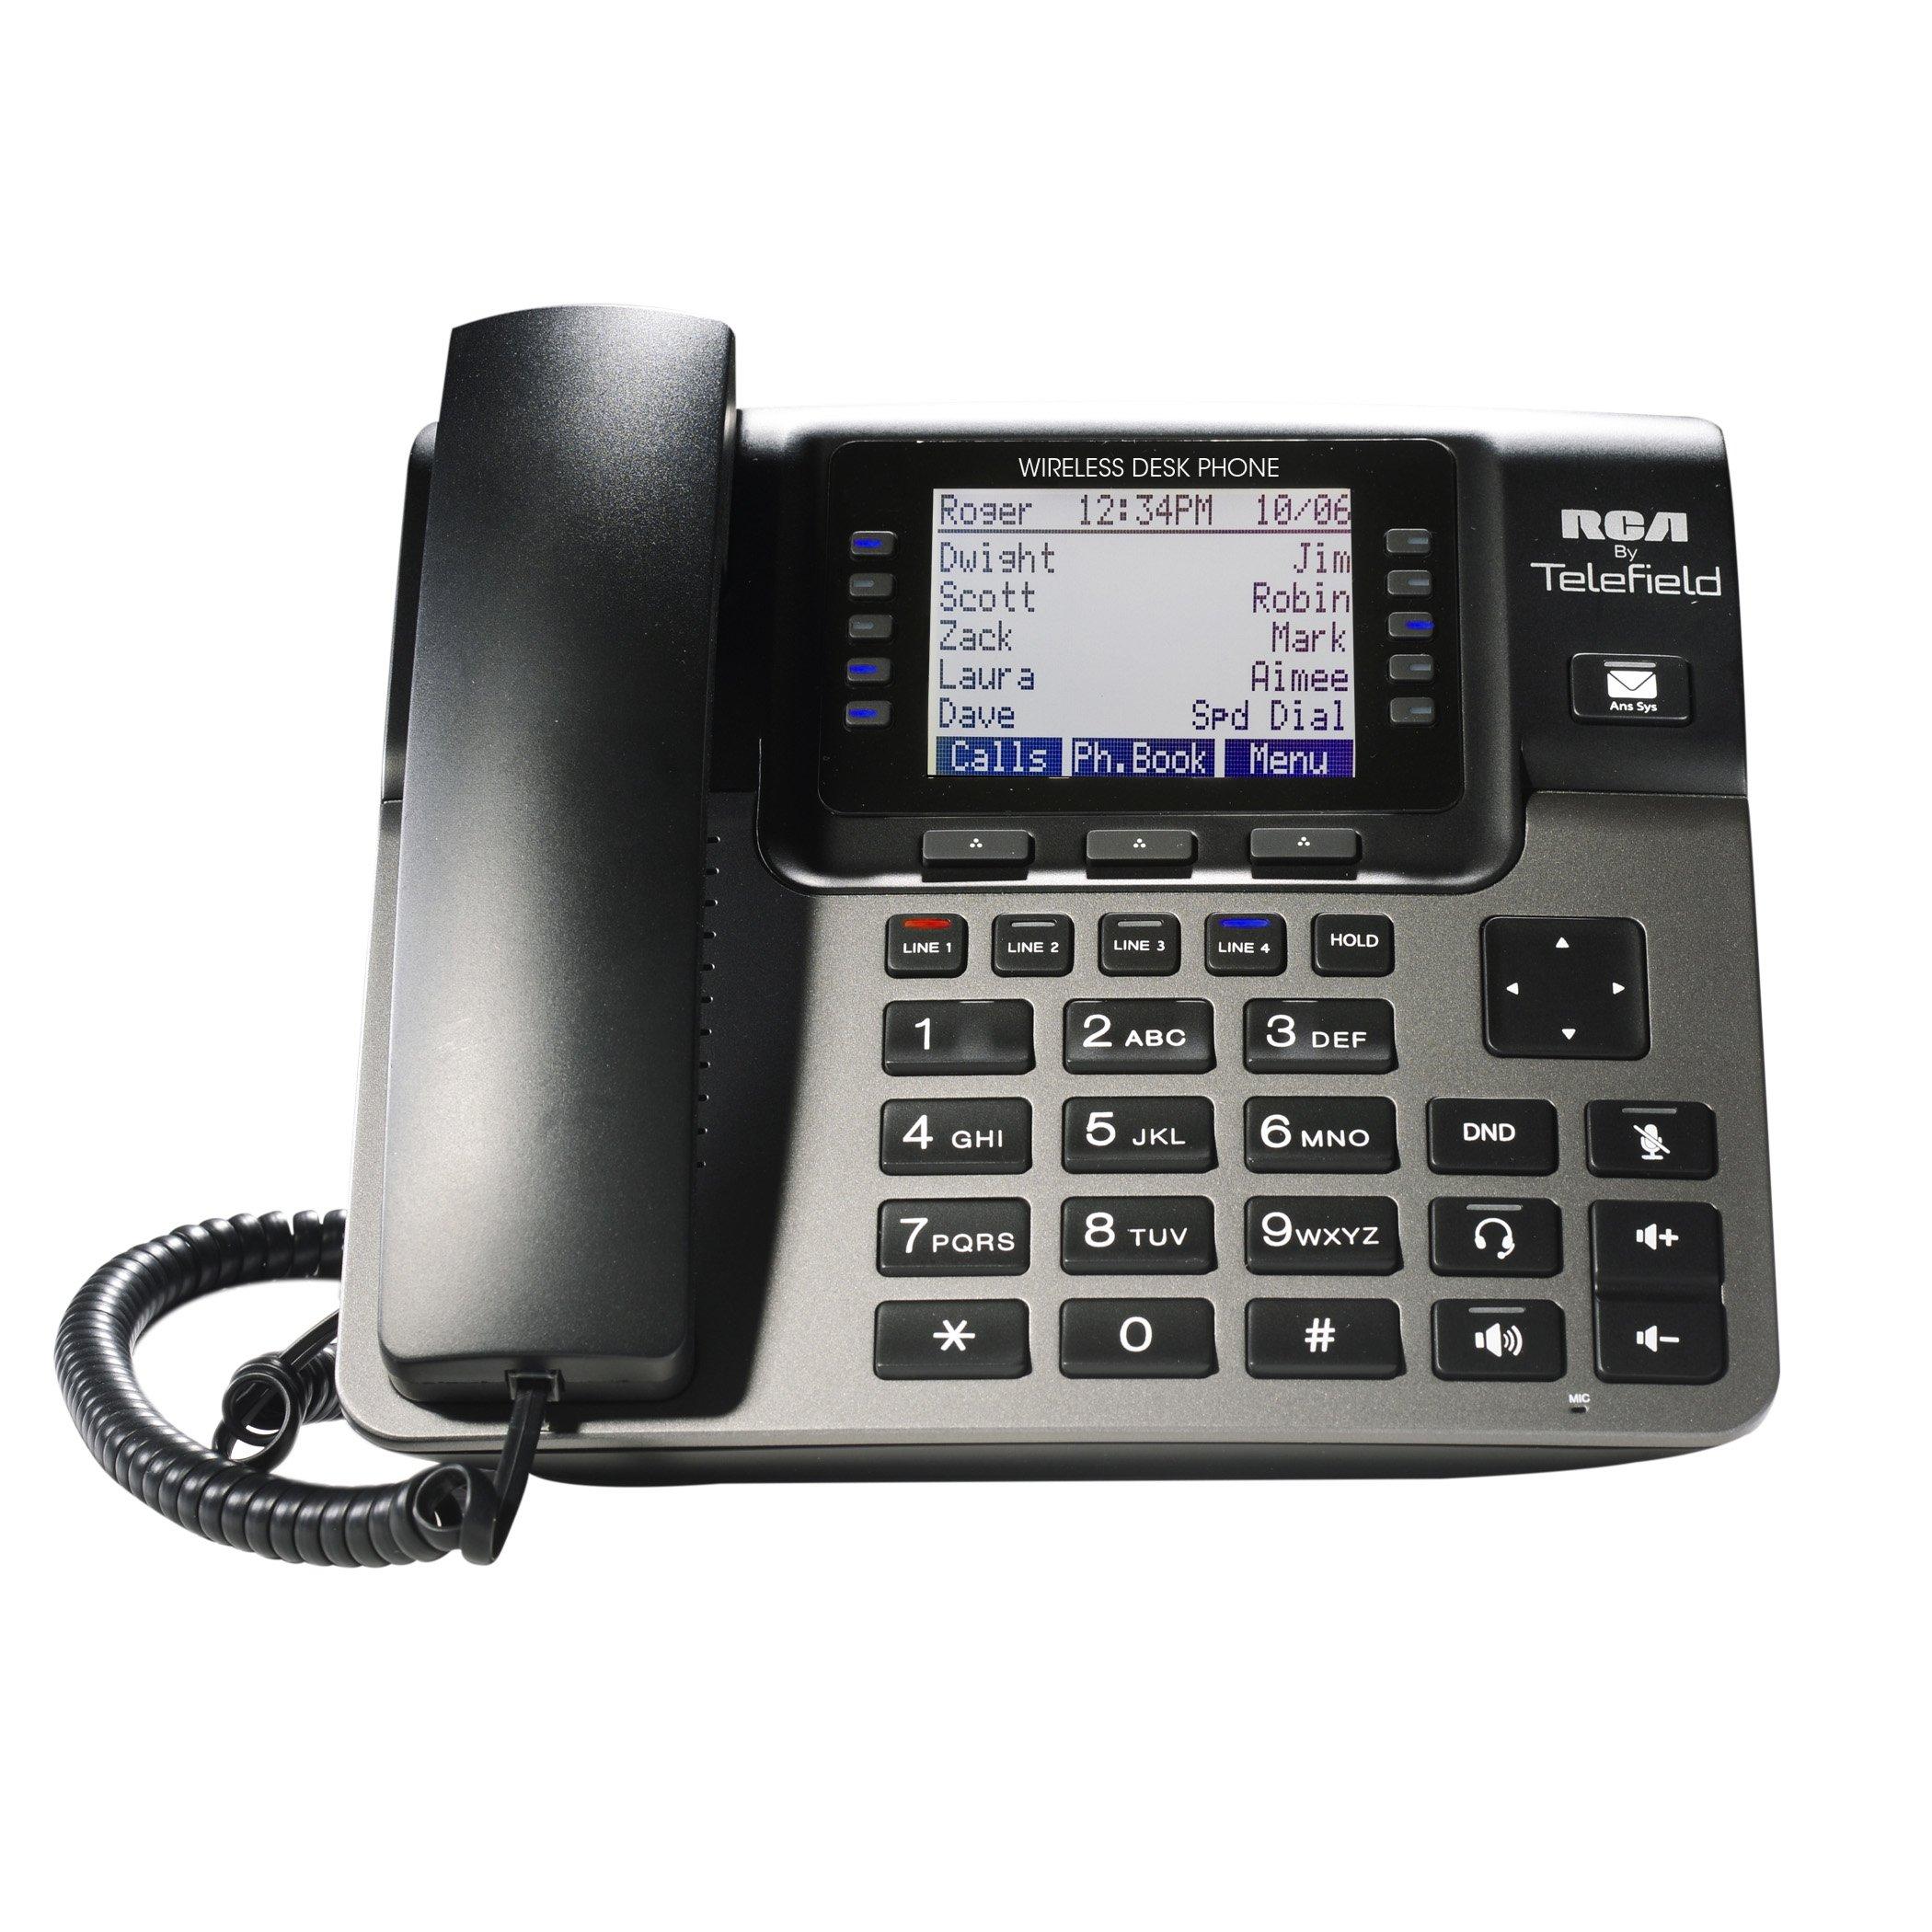 RCA Unison Accessory Desk Station Wireless 4-Line Landline Telephone for use with Unison U1000 Base Station (U1100)